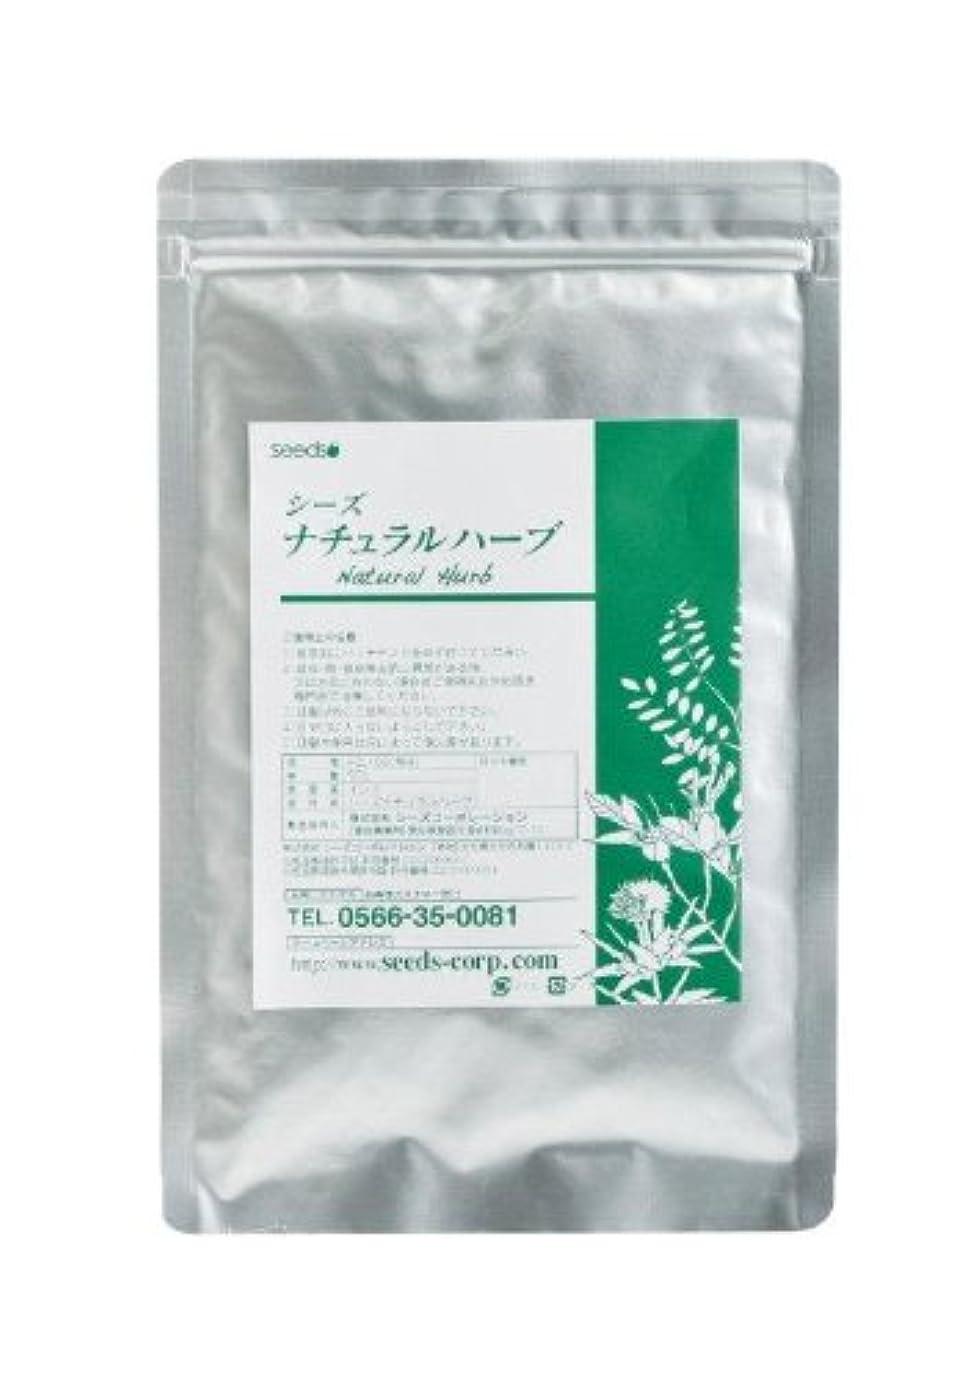 行商人宅配便放映Seeds ナチュラルハーブカラー マホガニー 50g(紅褐色系)ヘナと5種類の高級ハーブをブレンドした白髪染めです。